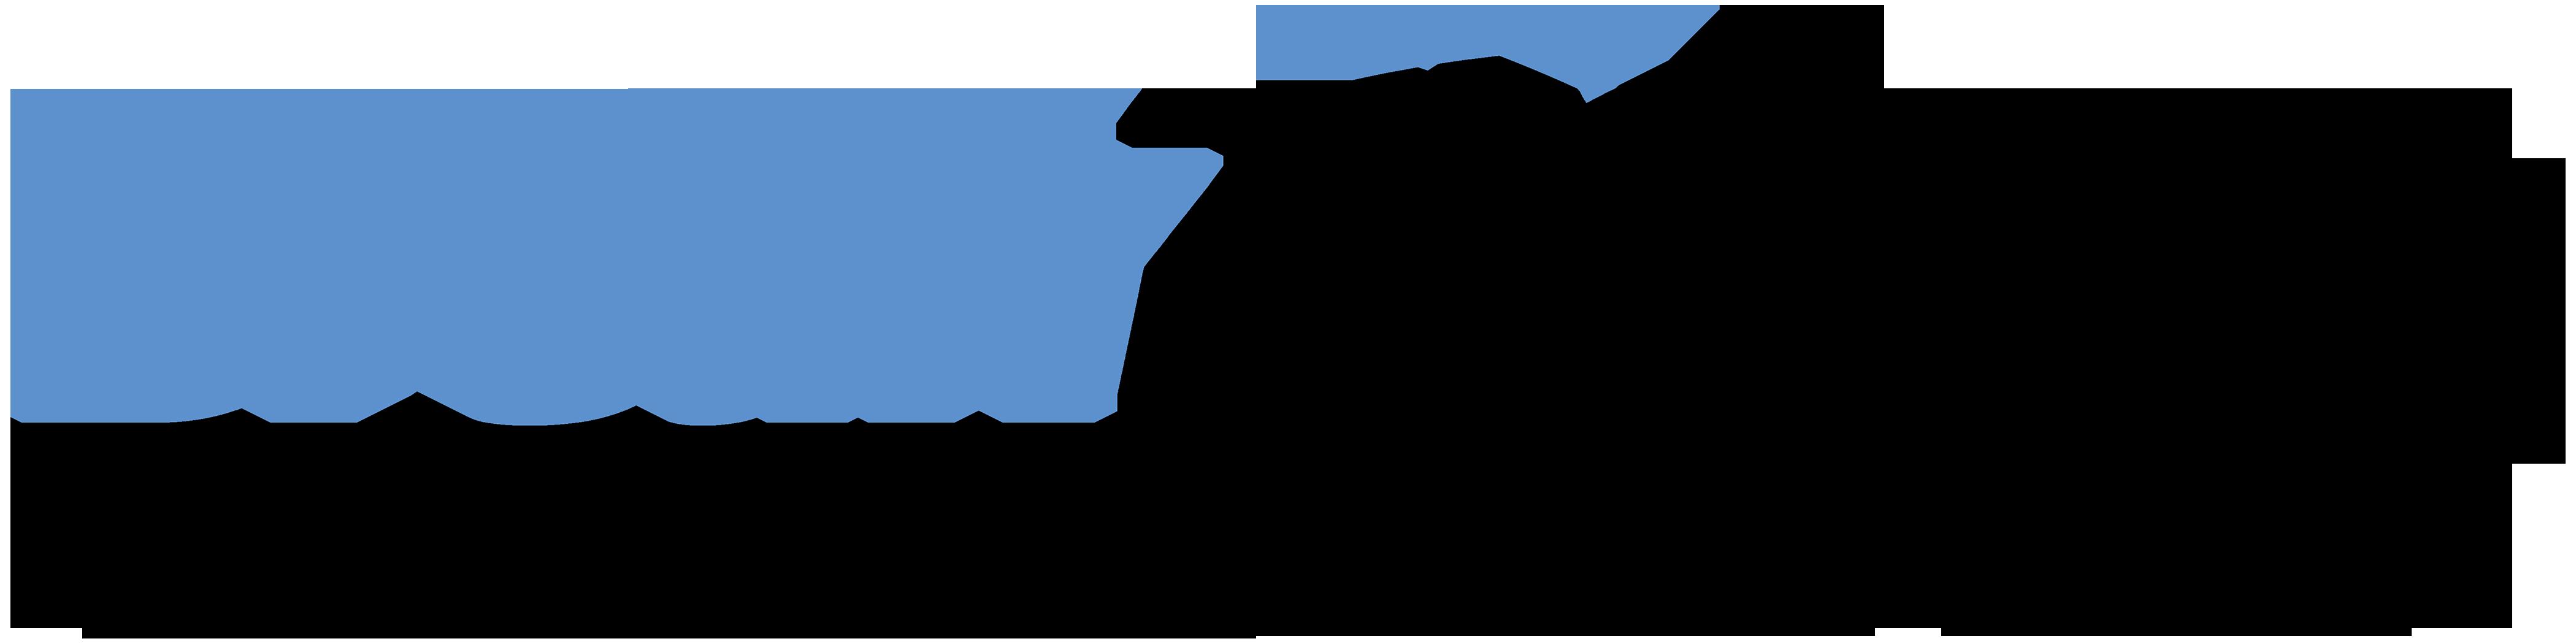 Sponsor BreakThrough PT